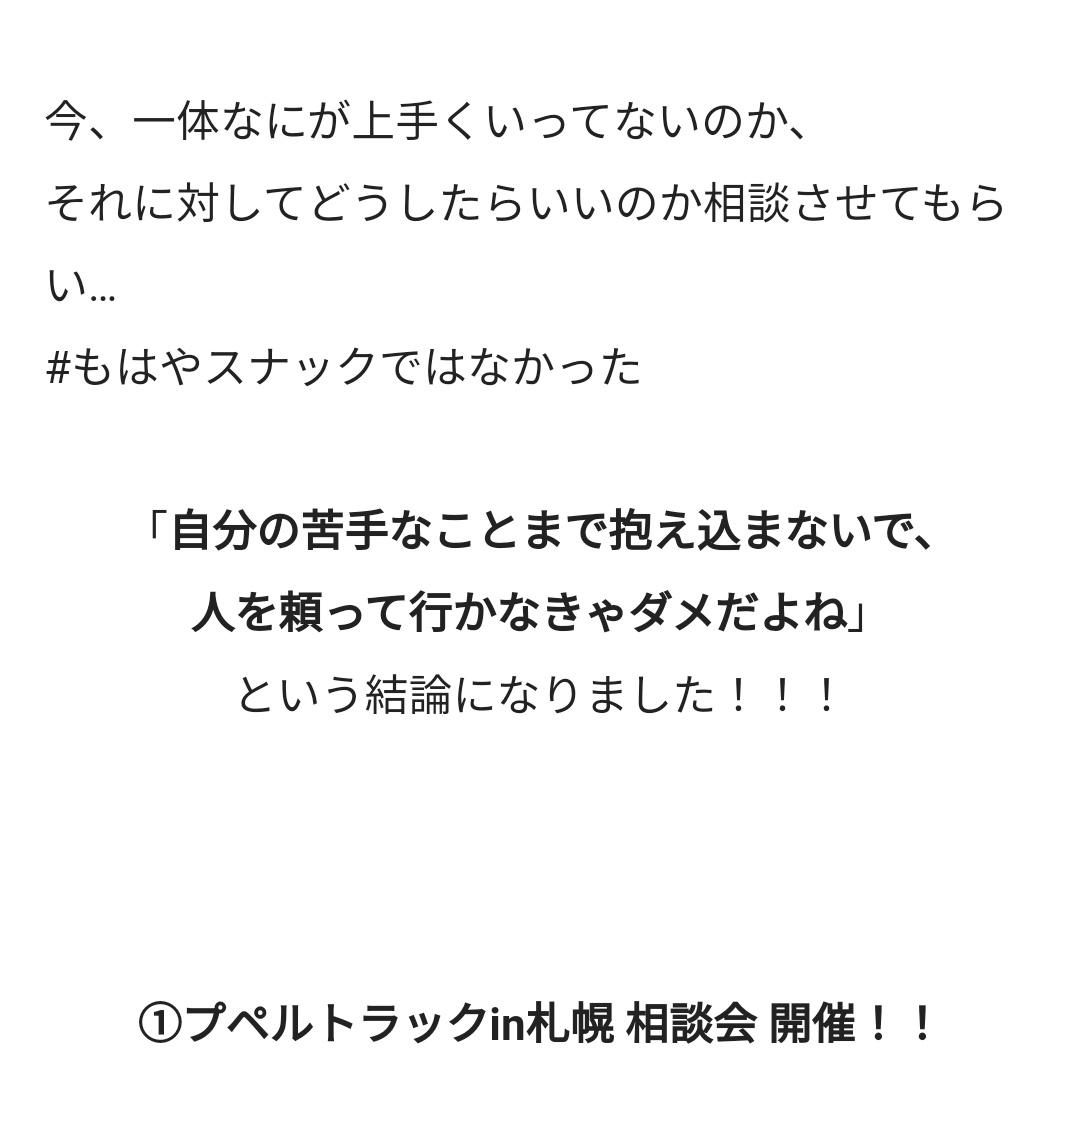 能登麻美子 キンコン西野 早見 能登 プペルに関連した画像-04